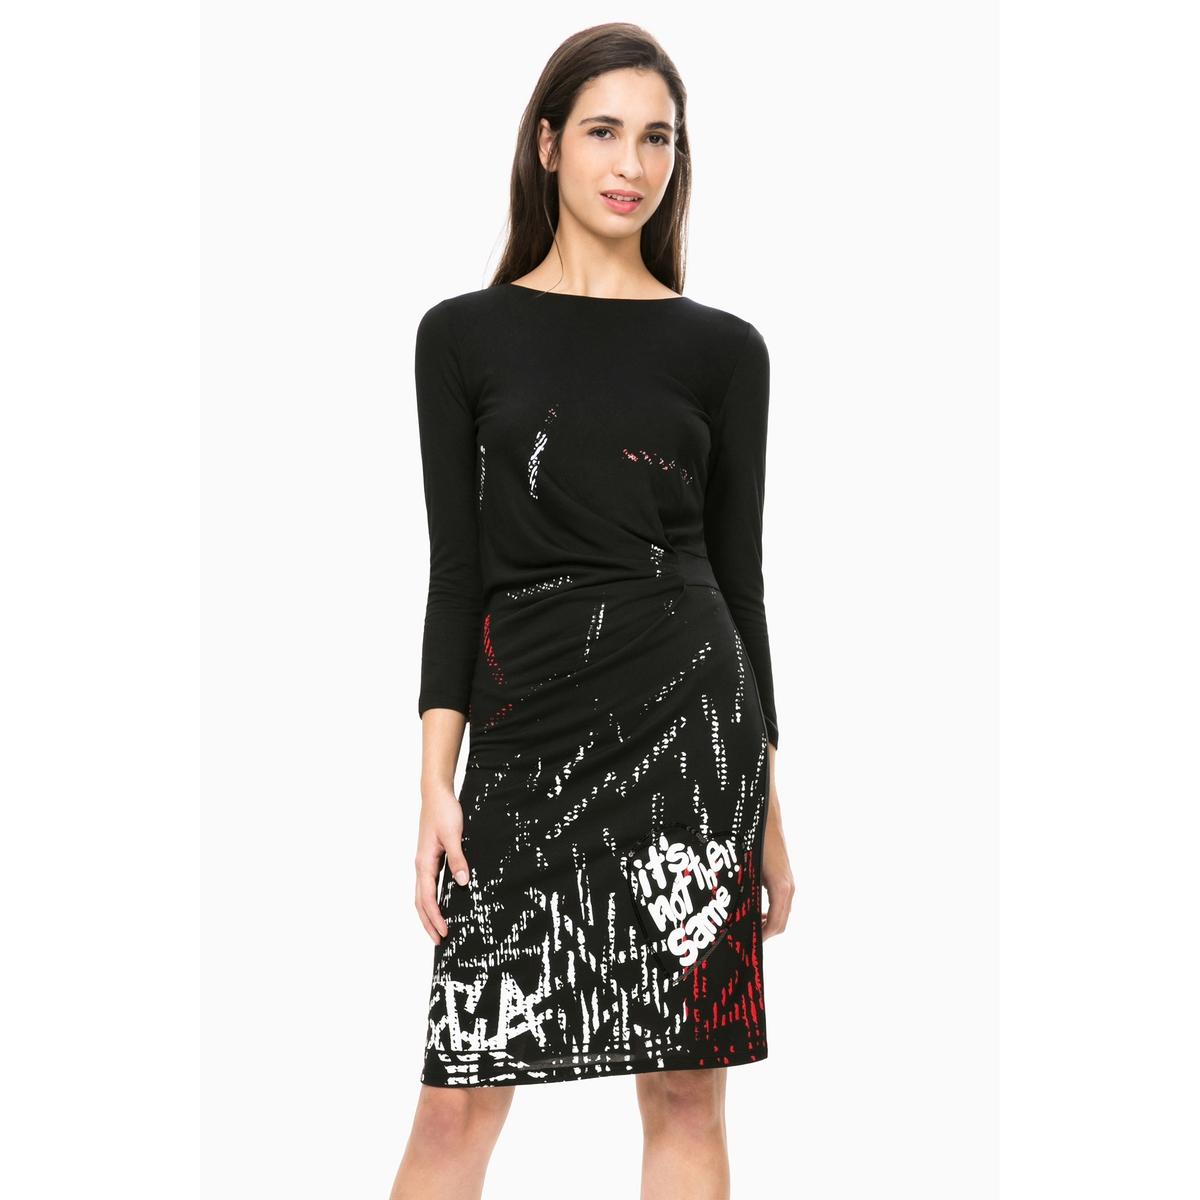 Платье прямое с длинными рукавами, Vest CastaliaСостав и описаниеМарка : DESIGUALМодель : Vest CastaliaМатериал : 100% вискозы<br><br>Цвет: черный<br>Размер: XL